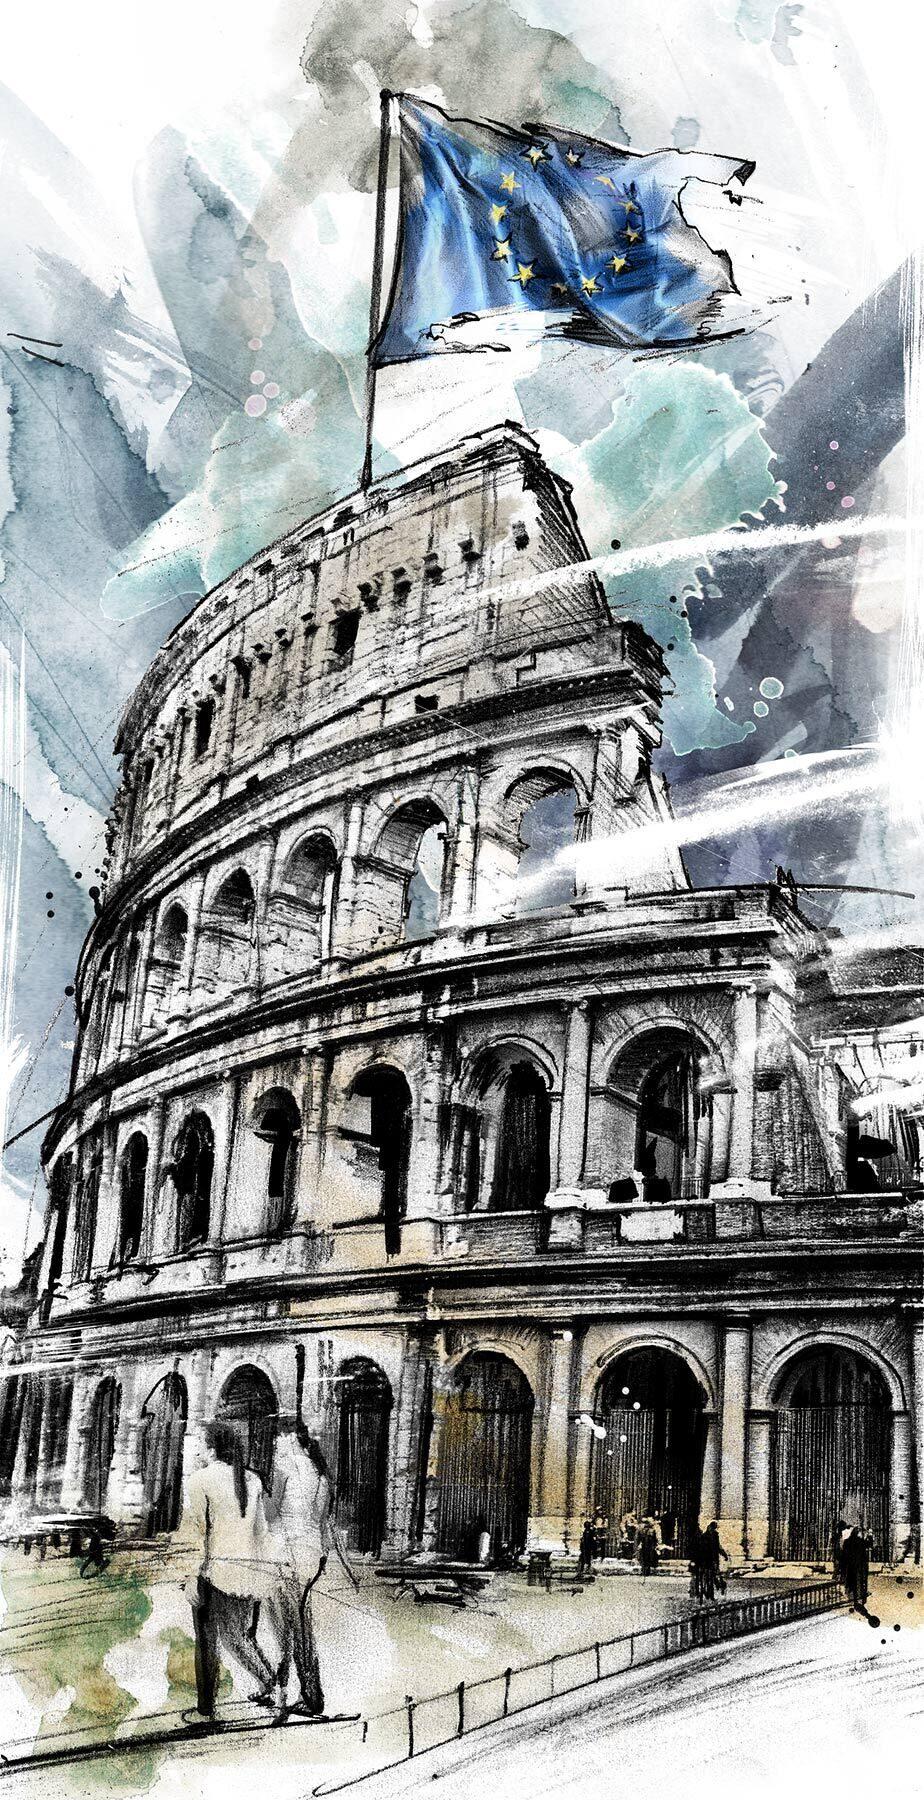 EU illustration kolosseum rom europa - Kornel Illustration | Kornel Stadler portfolio